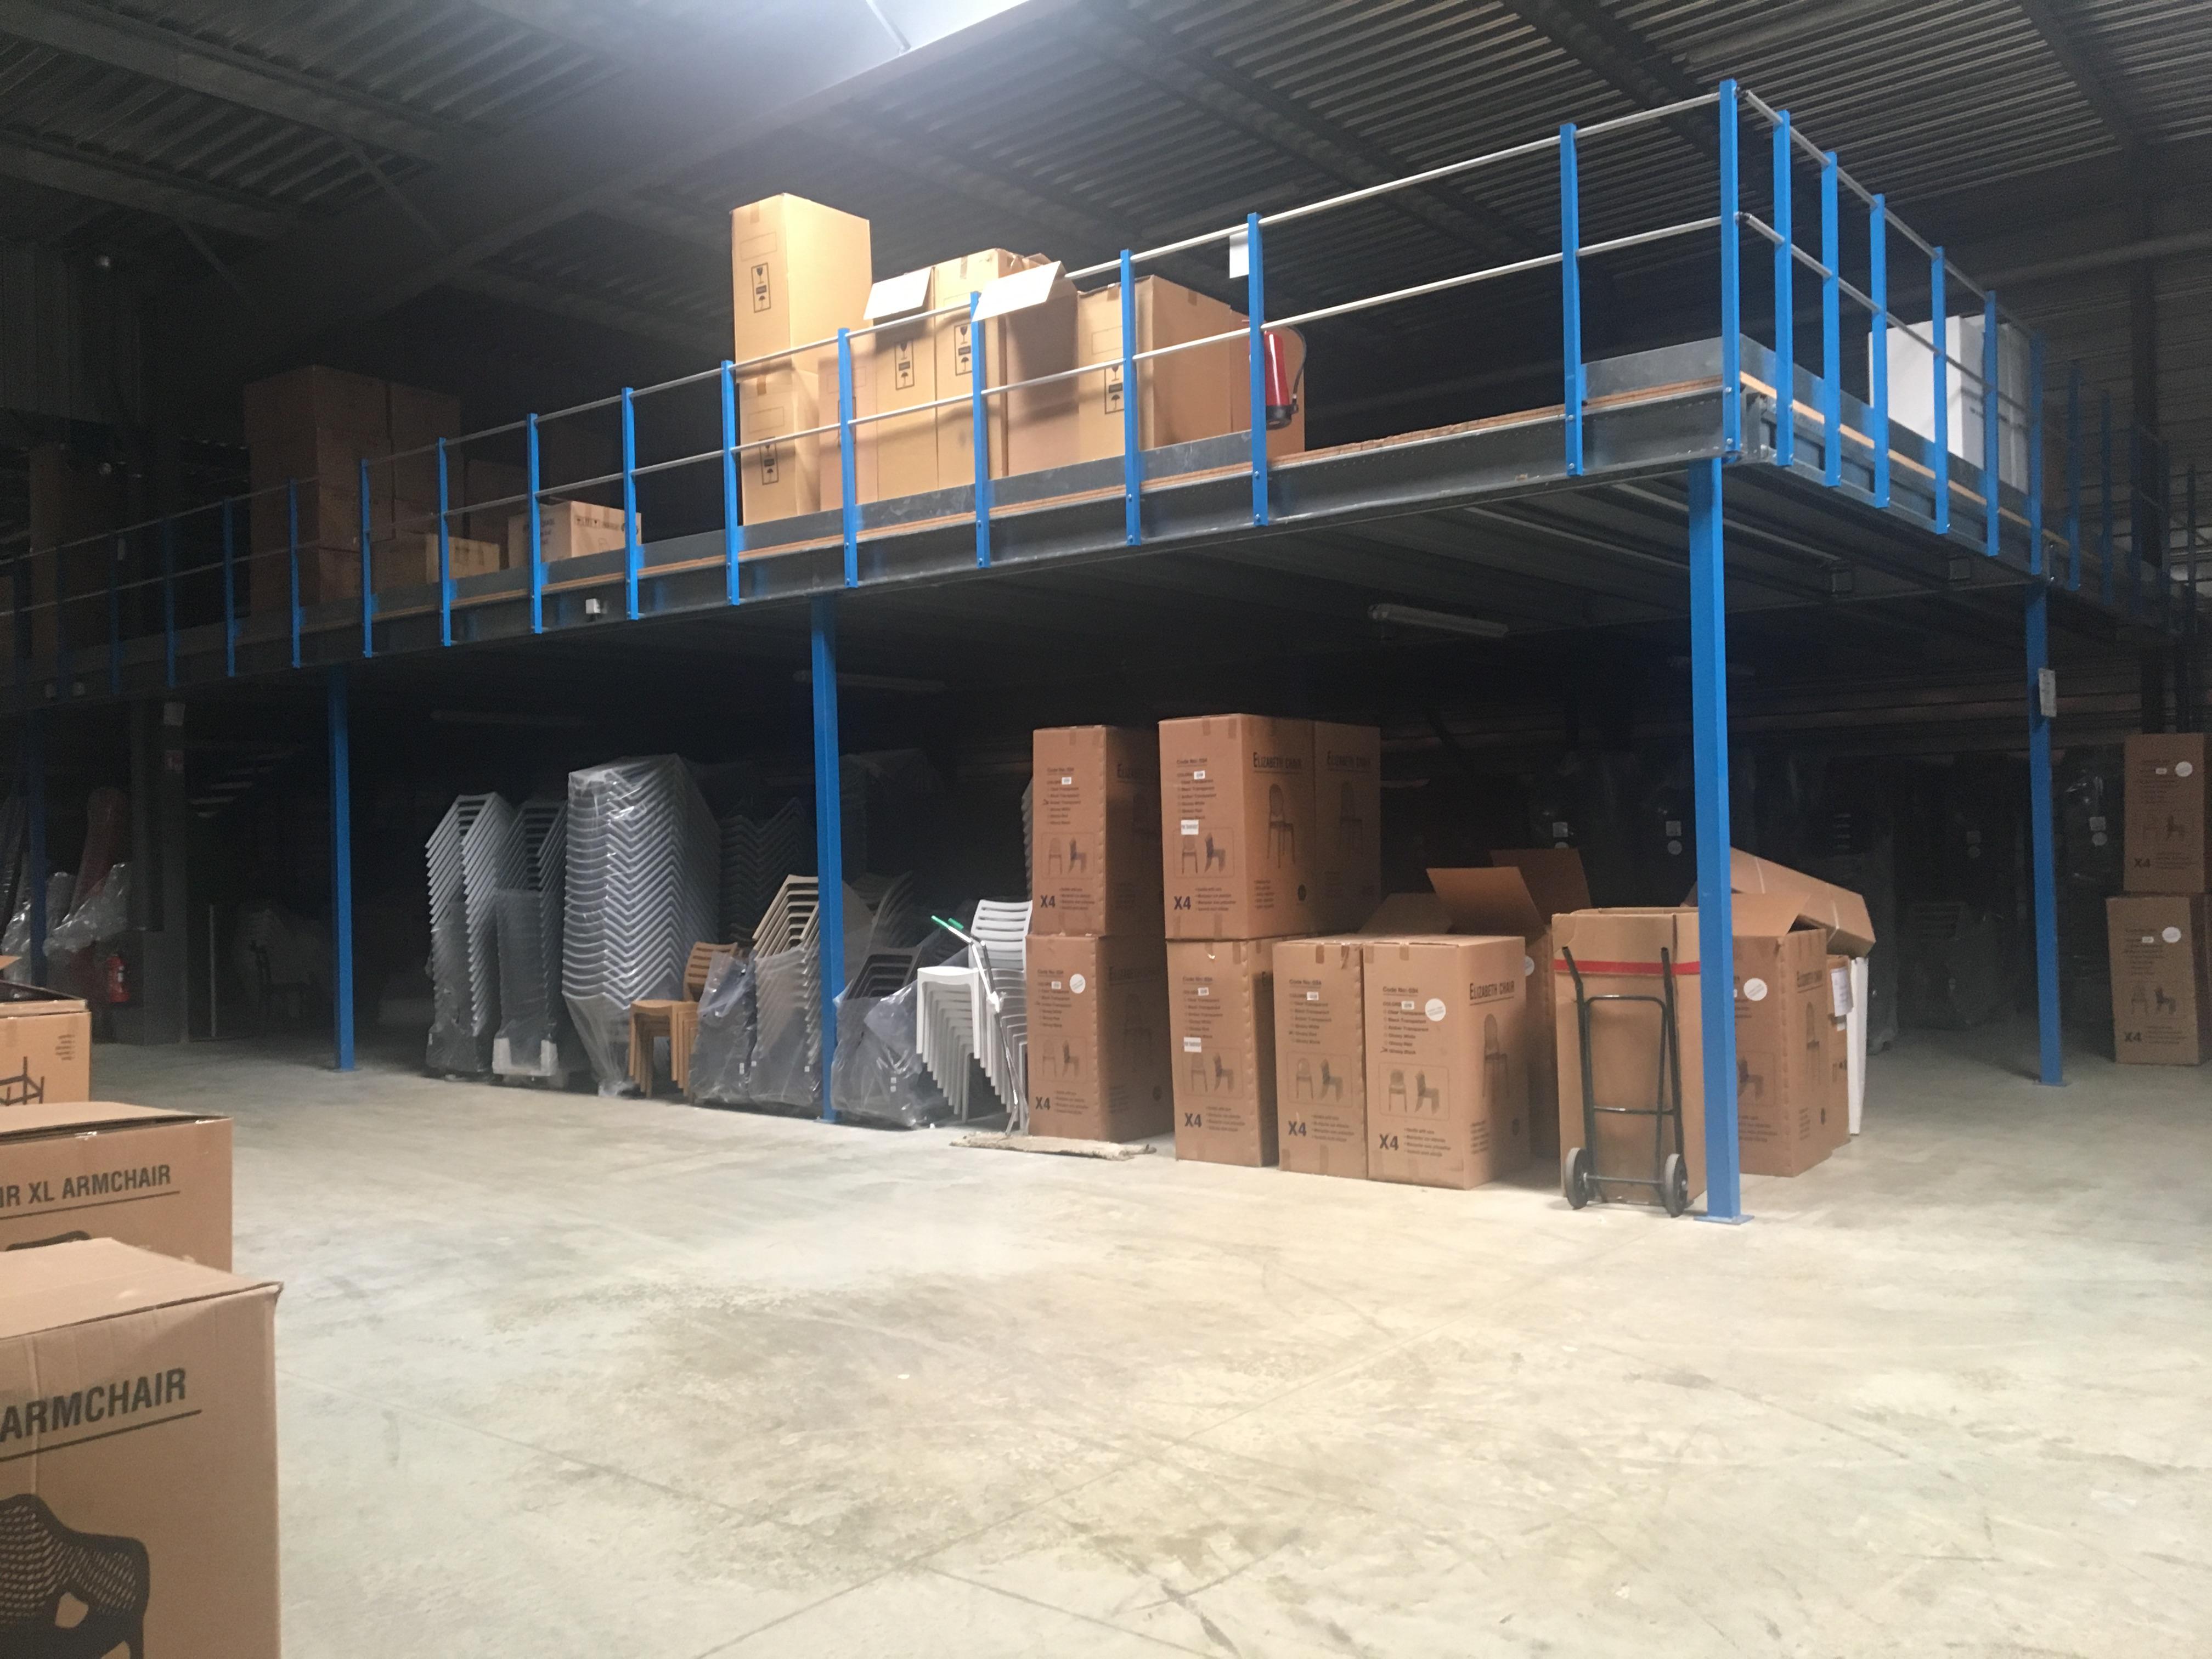 Recrutement: Chef d'équipe logistique & approvisionnement F/H chez Emeraude RH à Guichen